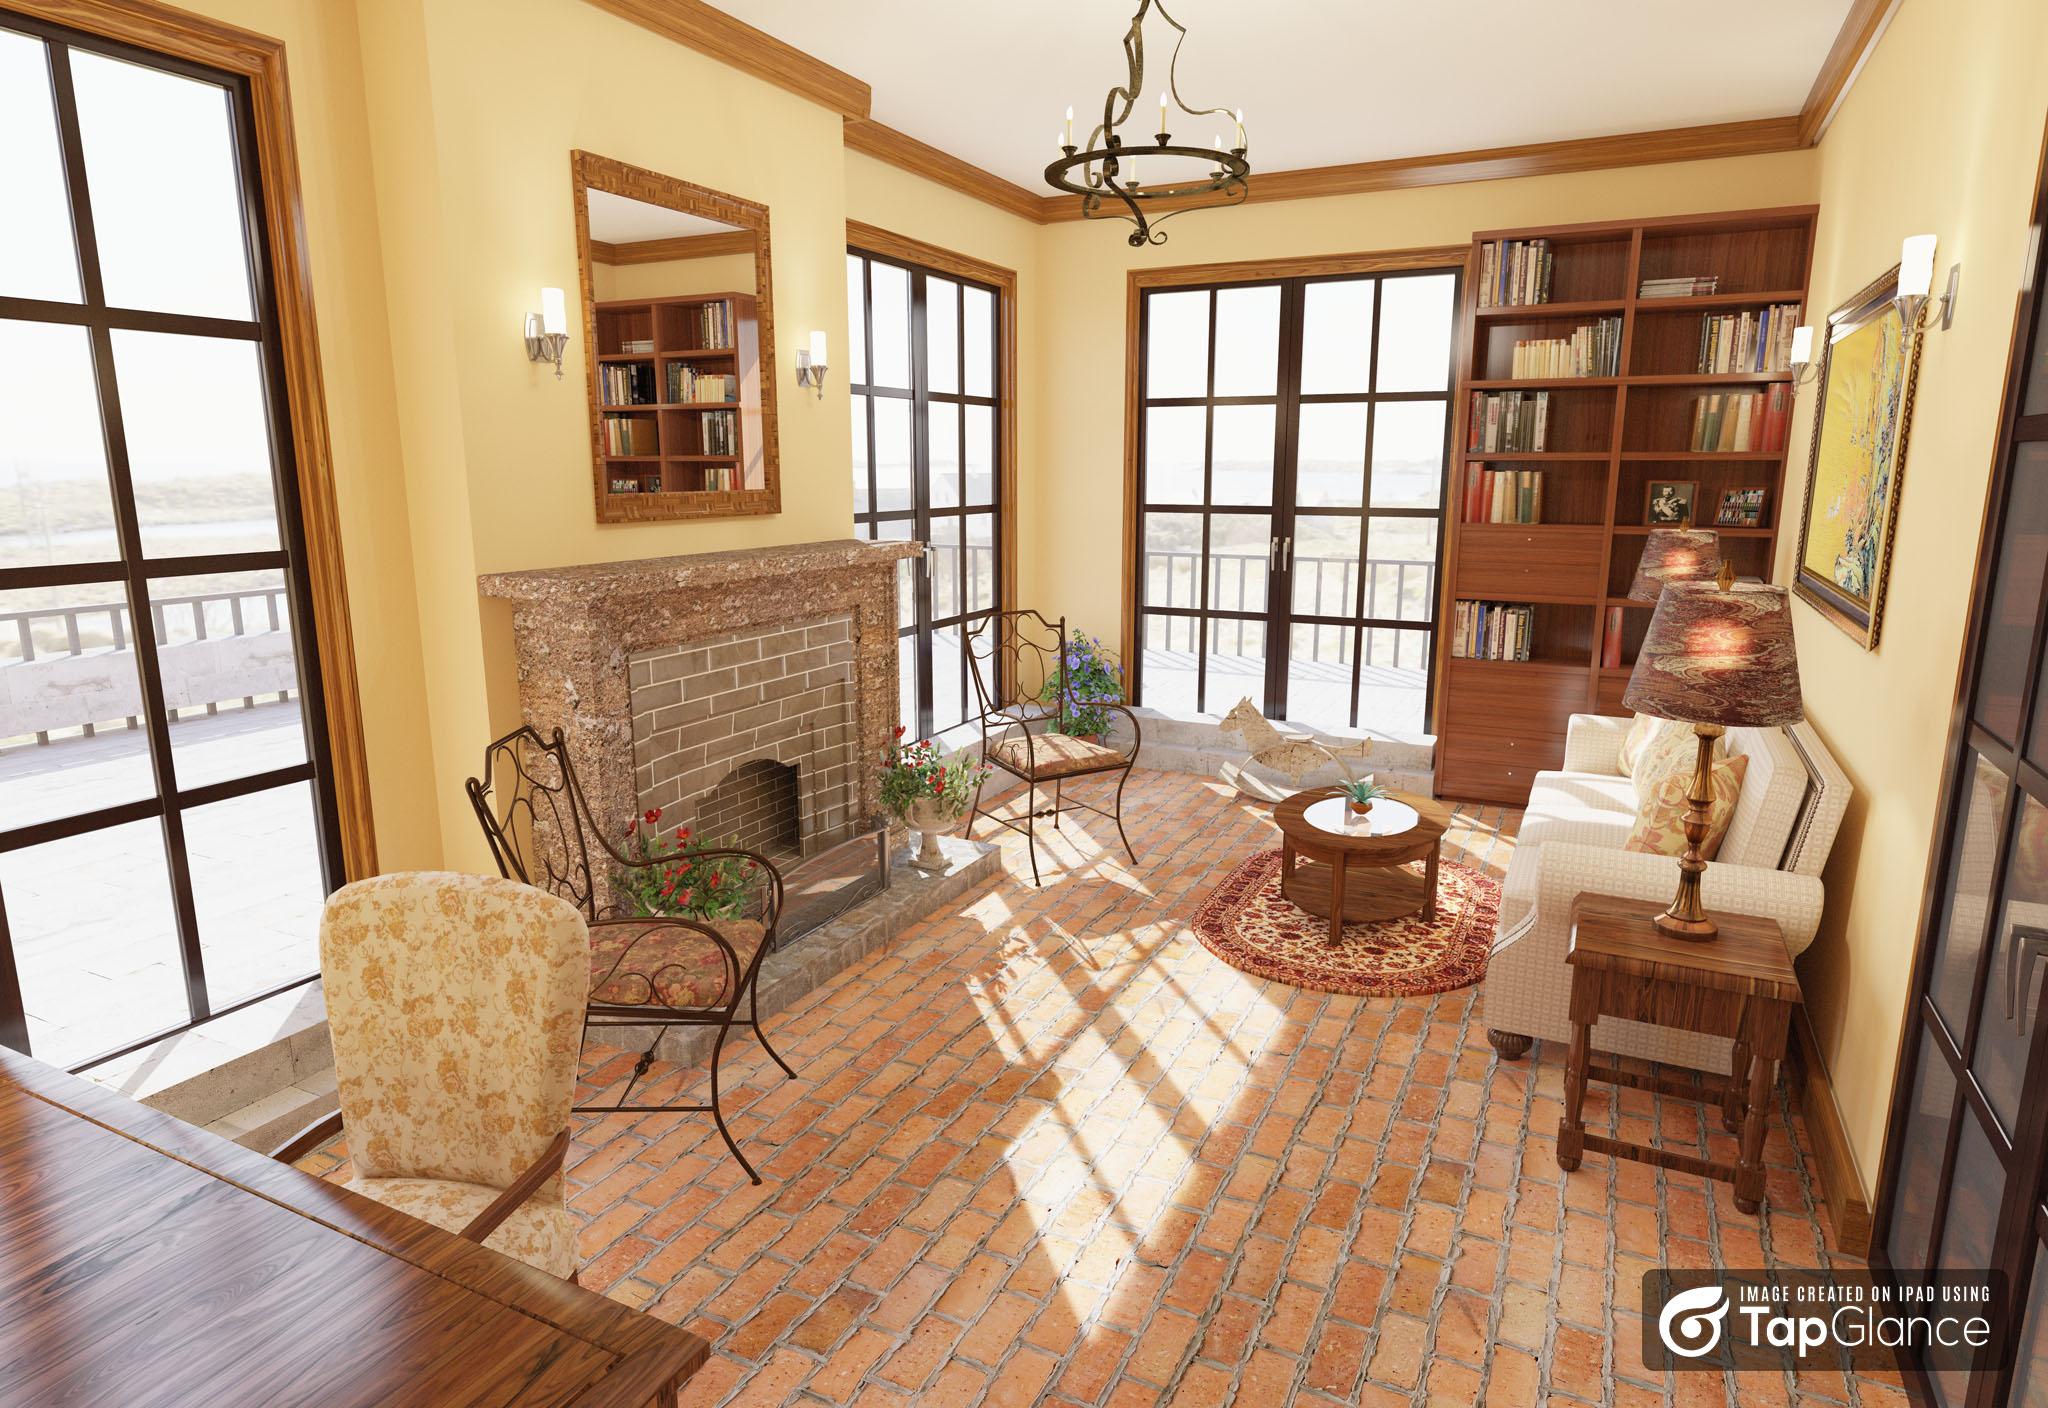 Interior design for ipad vs home design 3d - Interior Design For Ipad Vs Home Design 3d Home Download